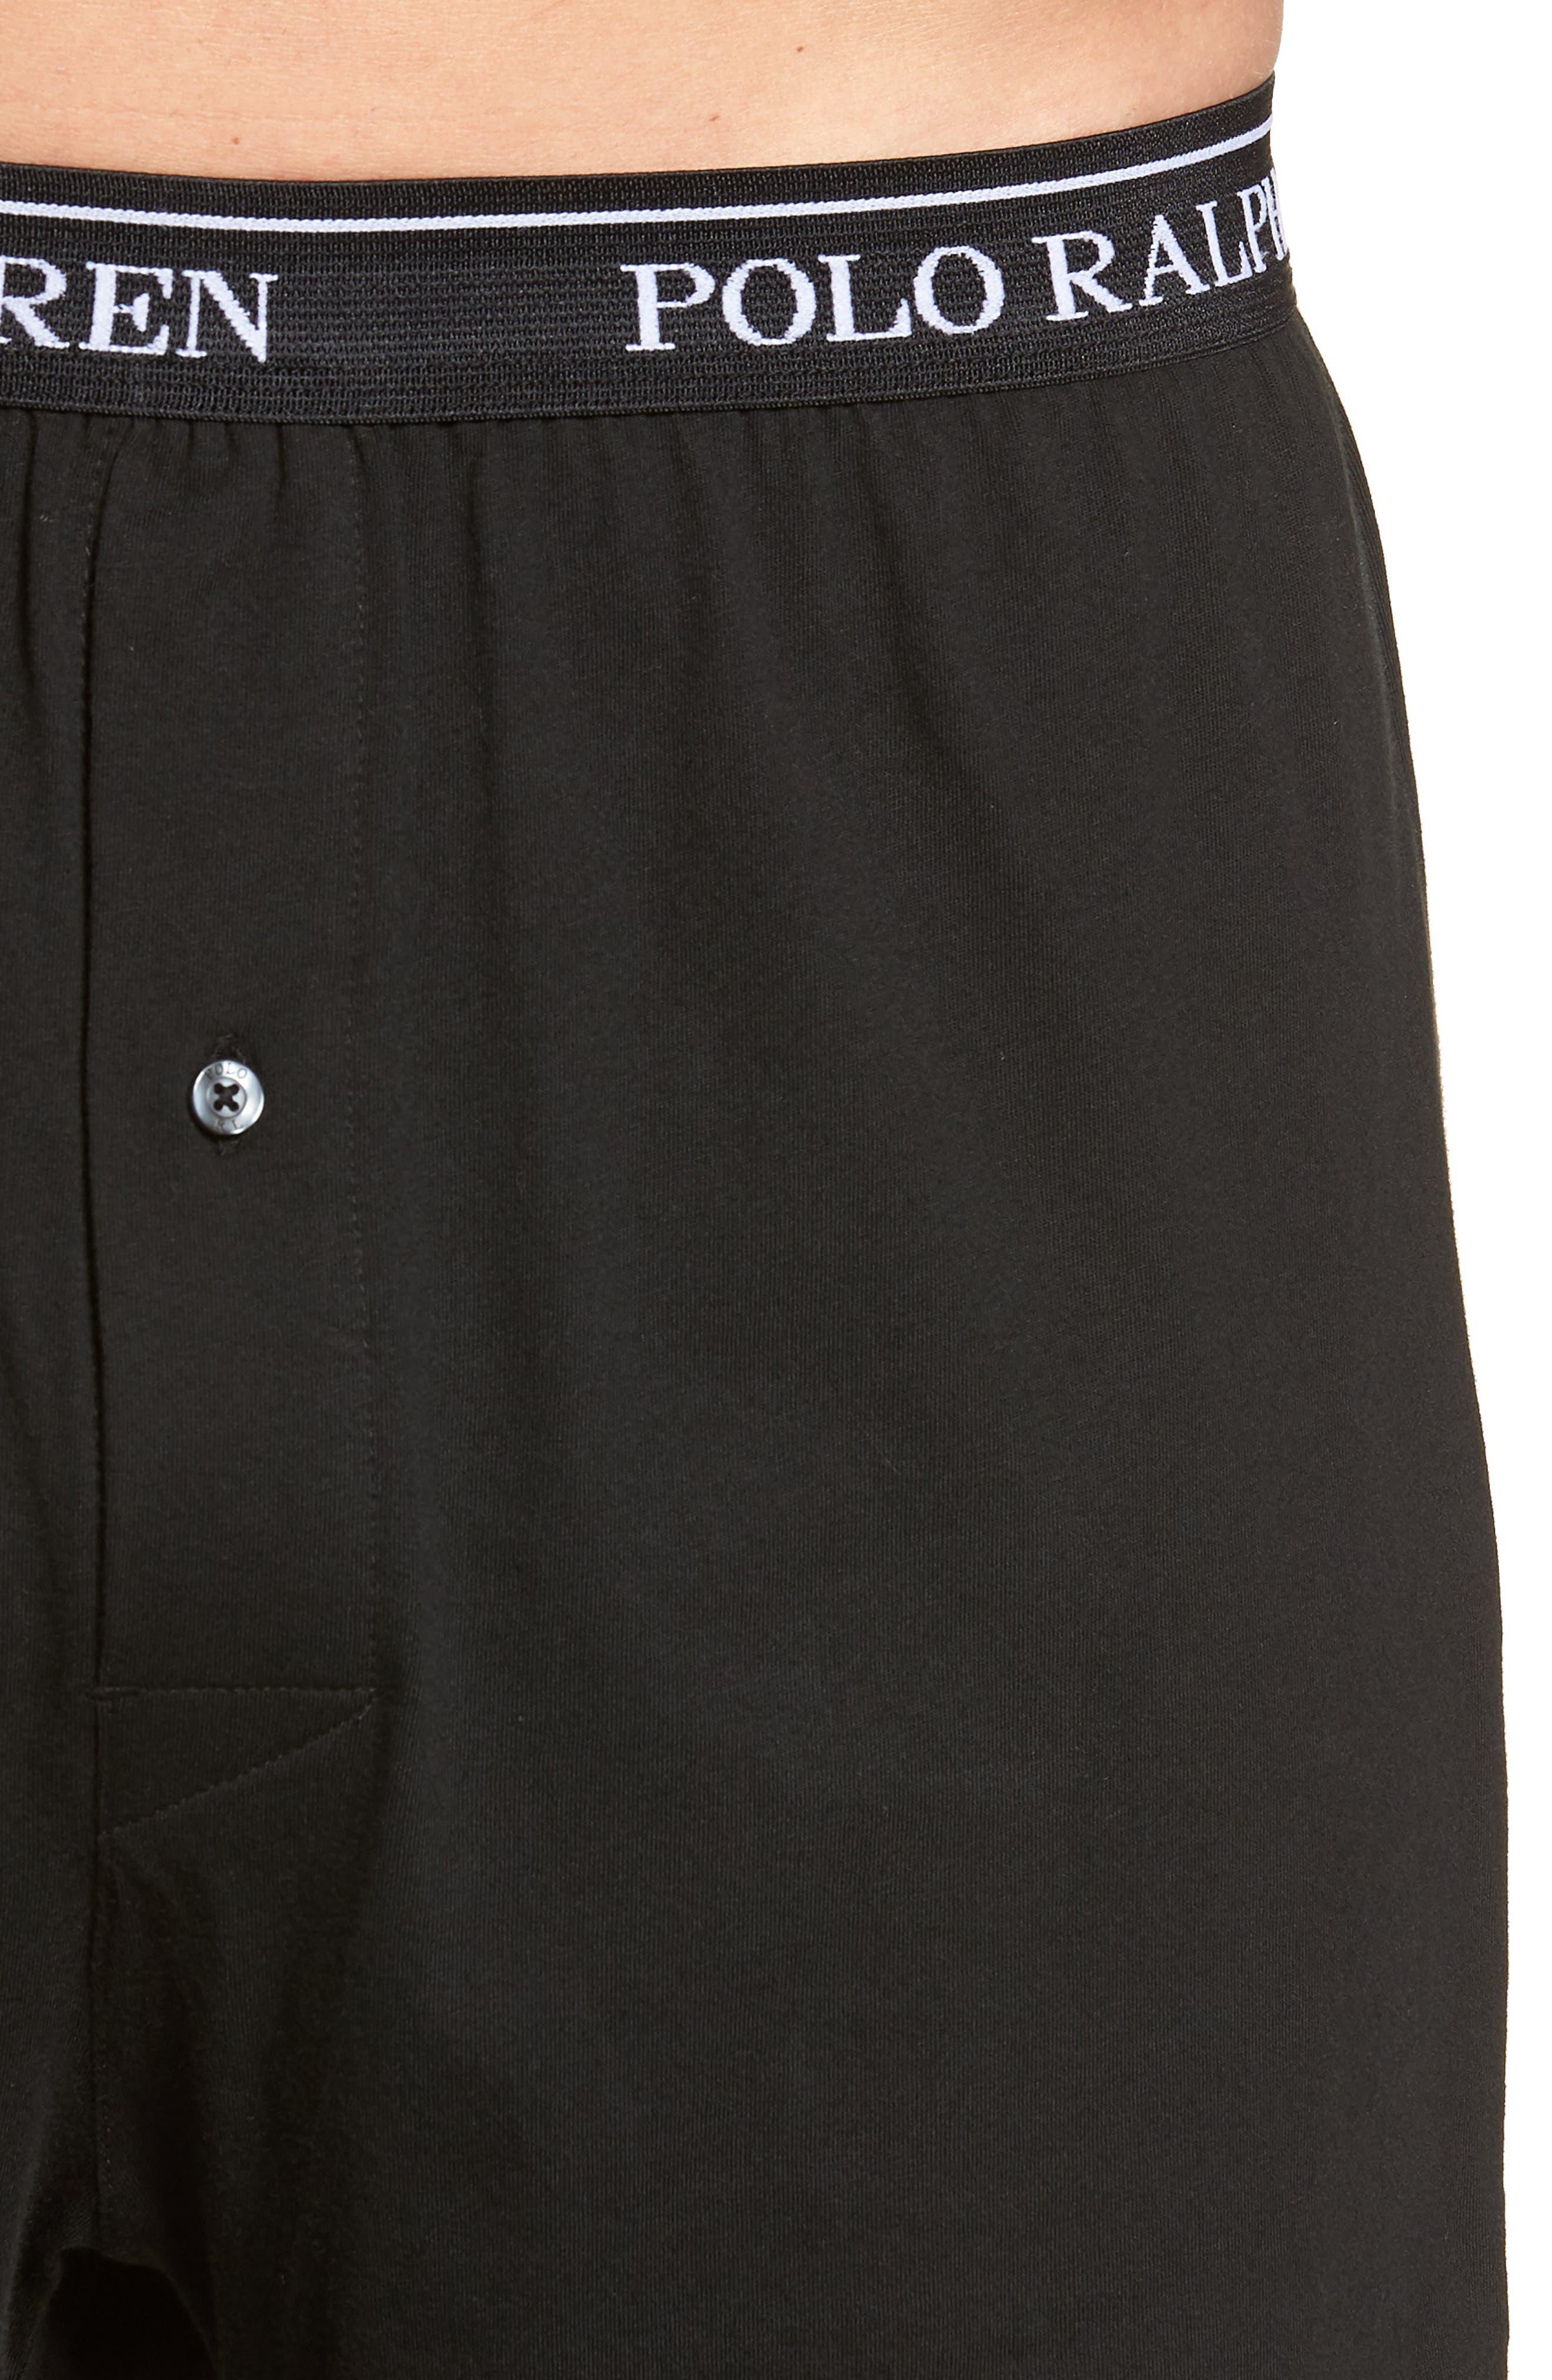 Polo Ralph Lauren 3-Pack Cotton Boxers,                             Alternate thumbnail 5, color,                             POLO BLACK